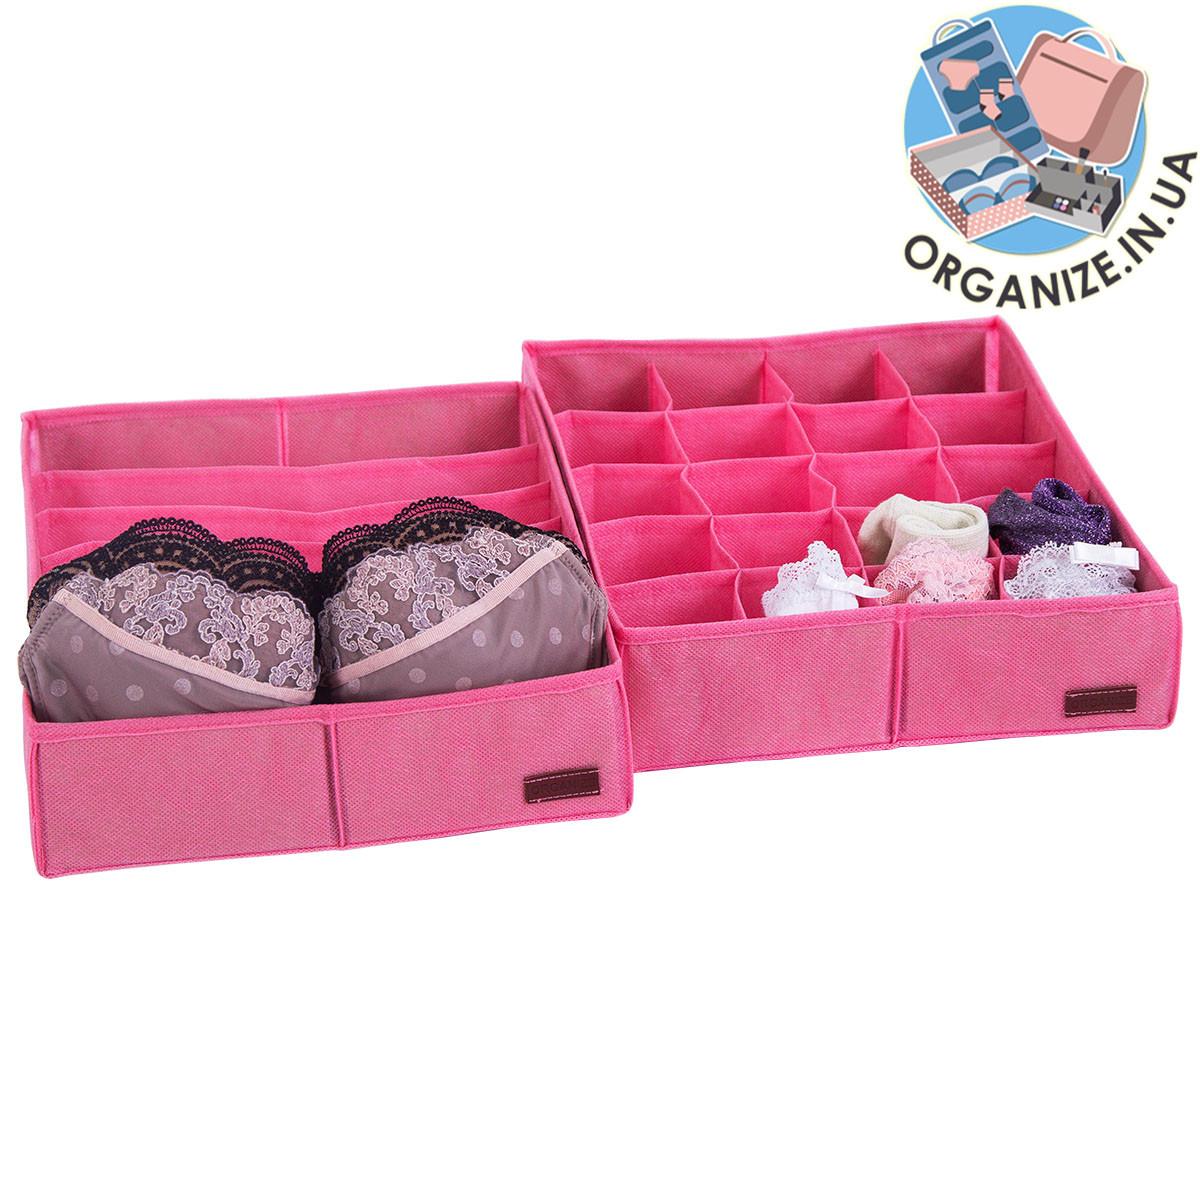 Набор органайзеров для нижнего белья 2 шт ORGANIZE (розовый)